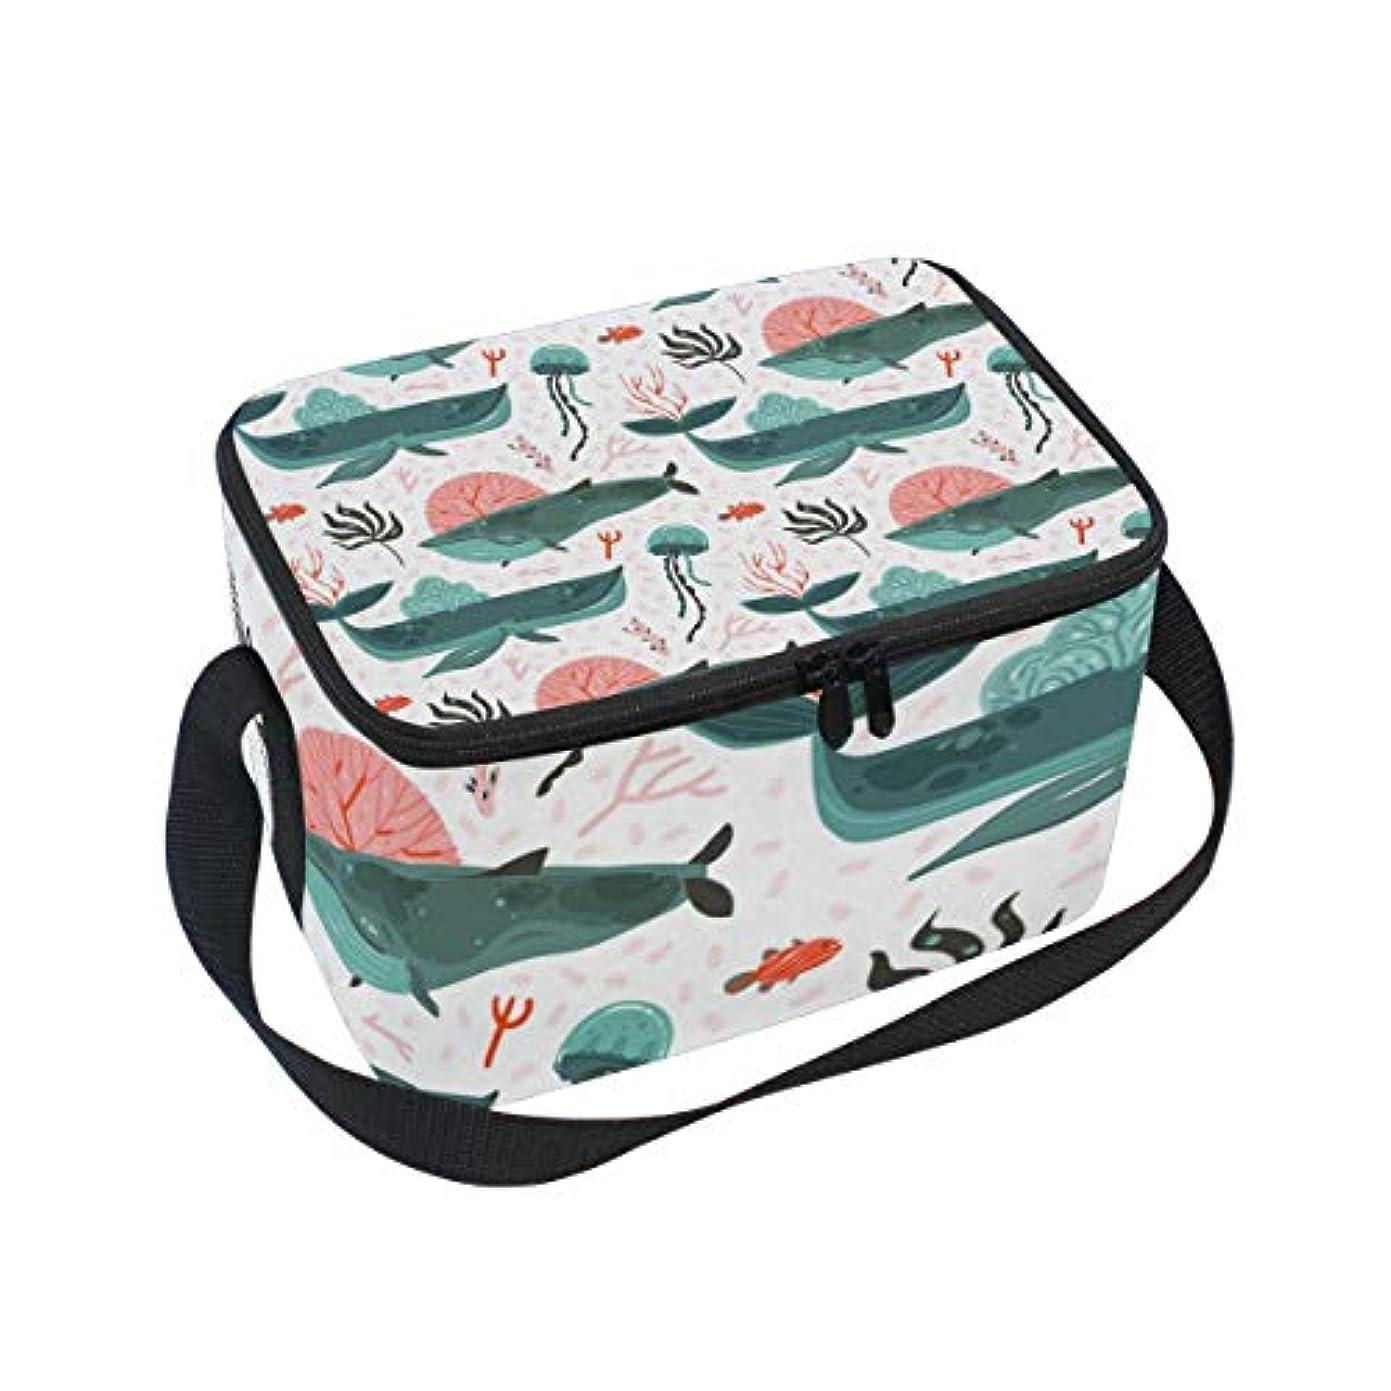 フォーム子ベーシッククーラーバッグ クーラーボックス ソフトクーラ 冷蔵ボックス キャンプ用品 海の生き物柄 クジラとクラゲ 保冷保温 大容量 肩掛け お花見 アウトドア